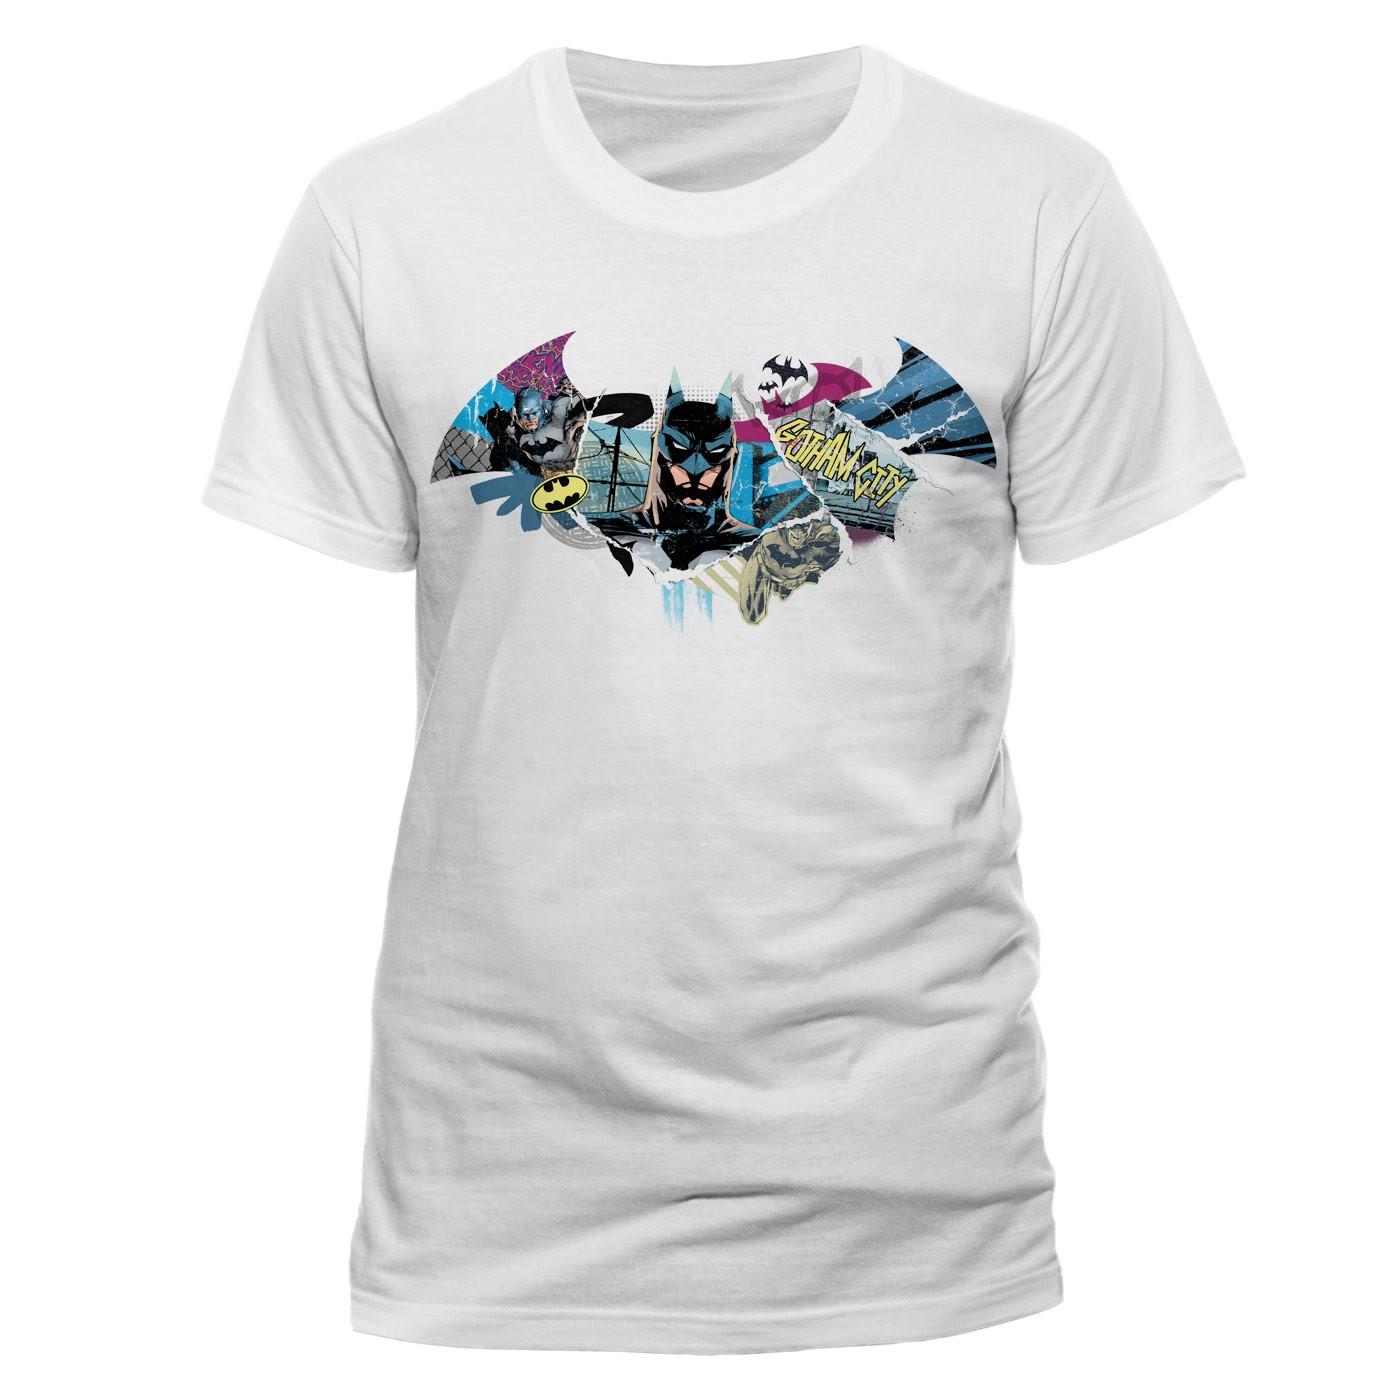 Official Dc Comics Batman Symbol Gotham City Collage White T Shirt